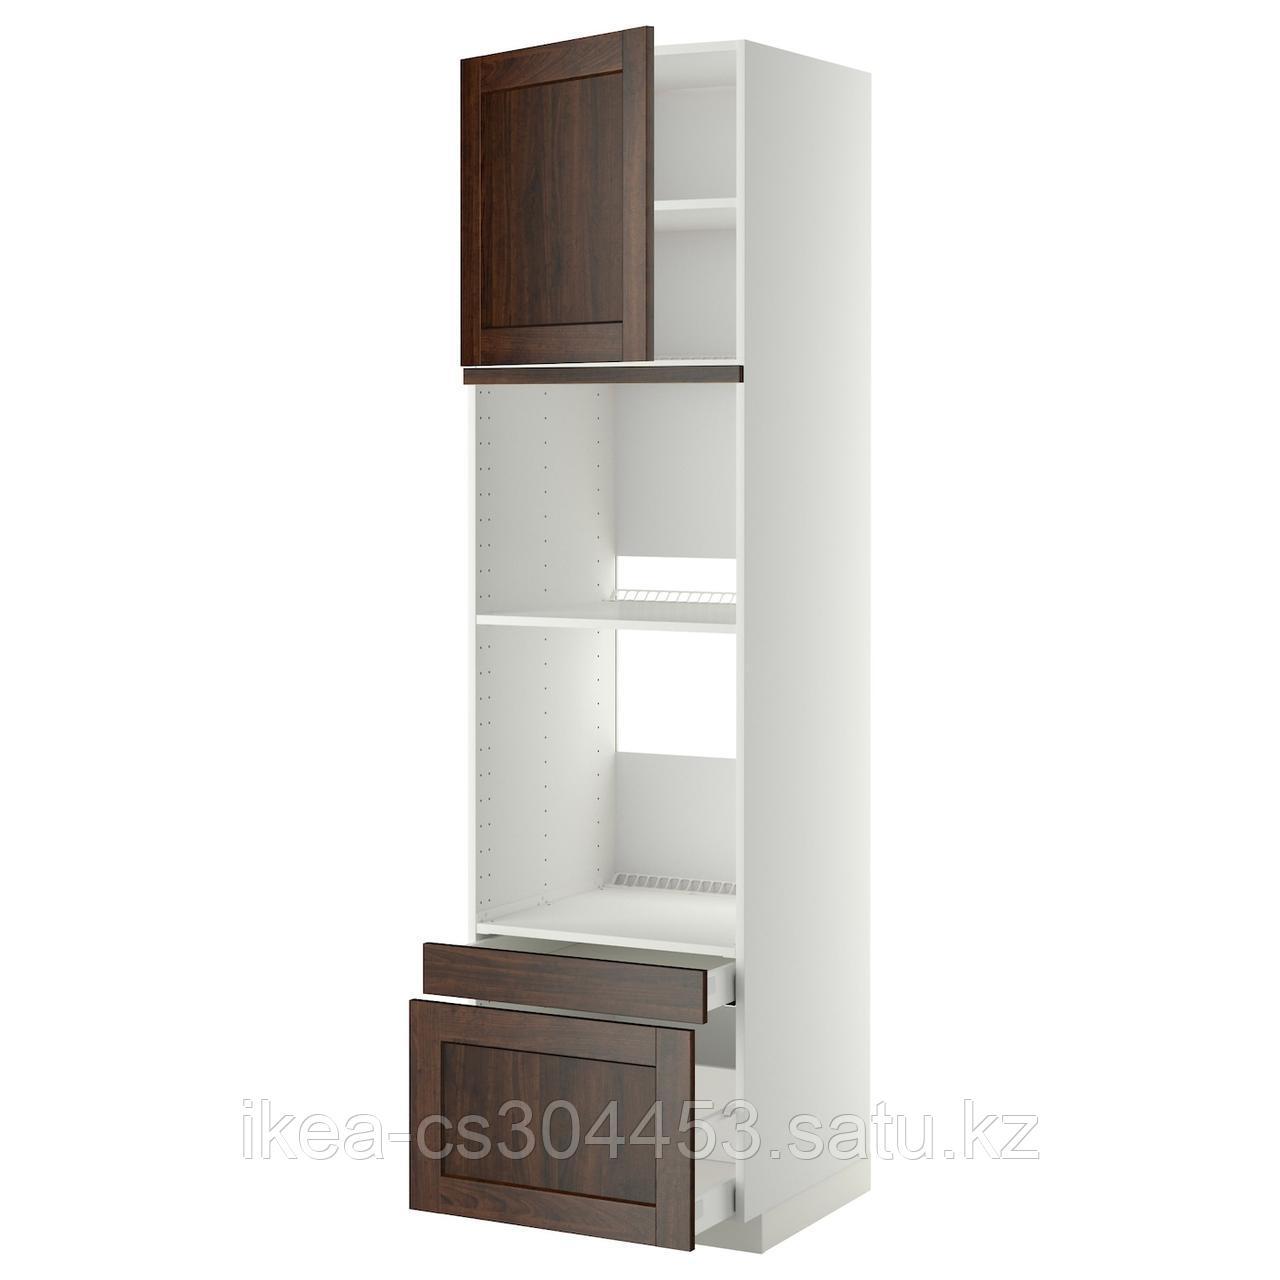 МЕТОД система Шкафы для встраиваемой техники